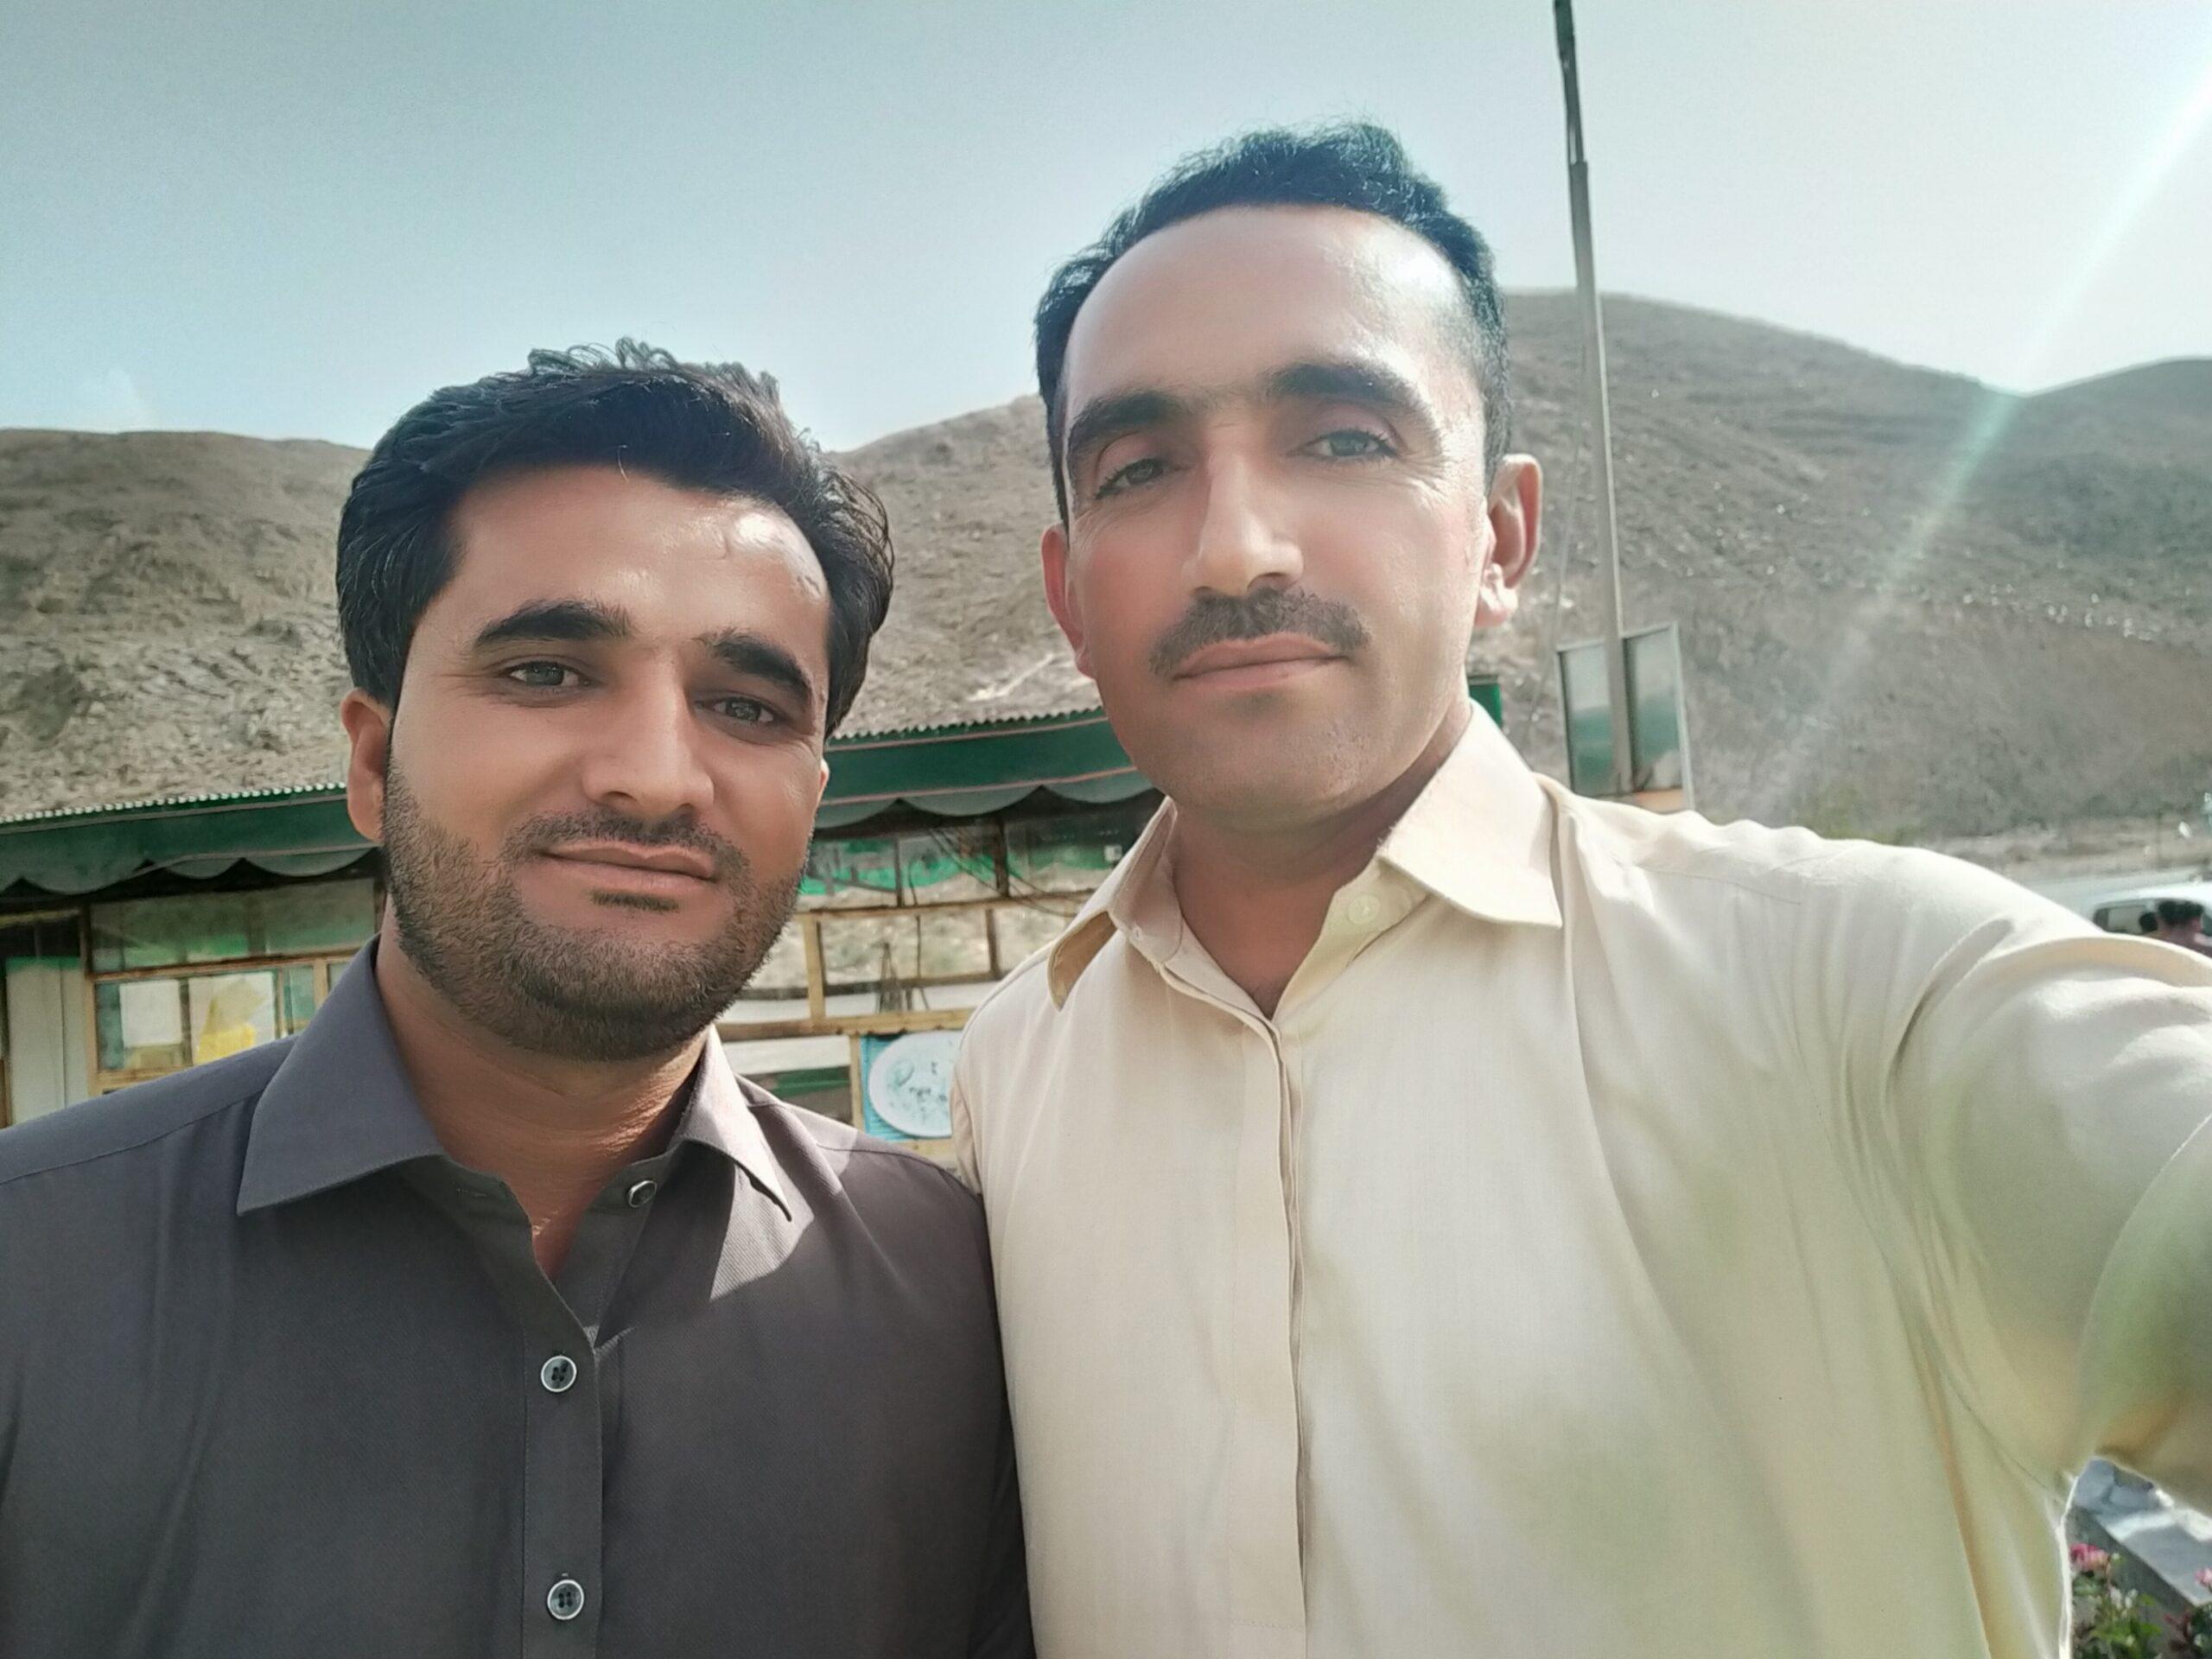 تنگوانی سندہ بلوچستان کی سرحدی حدود پی پی ایل تھری کے مقام پر ایک روزہ میڈیکل کیمپ قائم